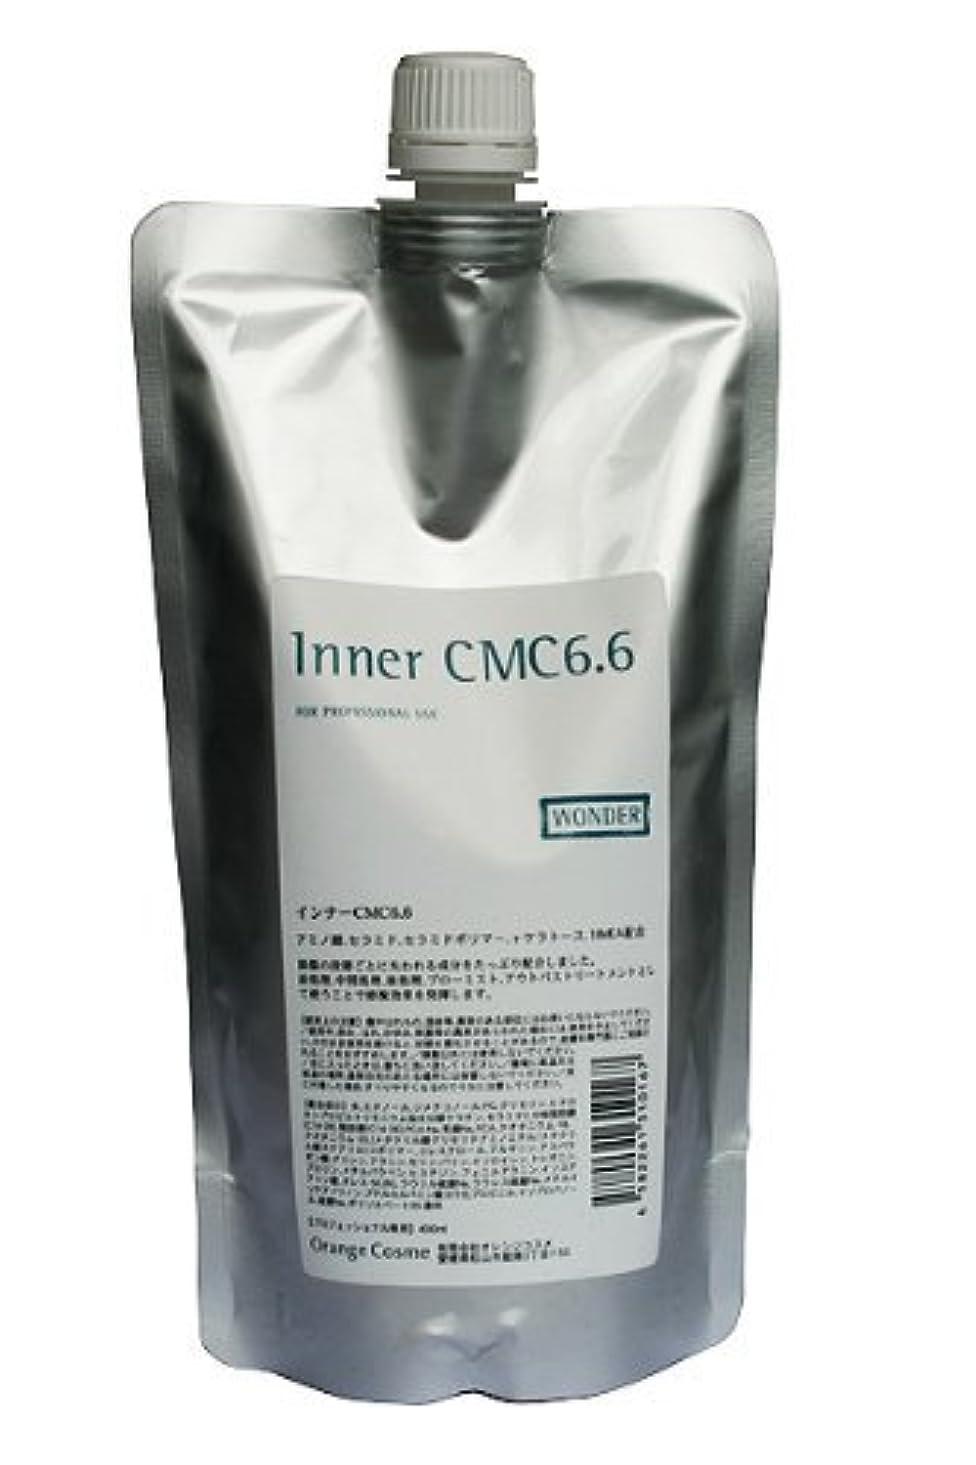 住人ホステス凝視美容室専用 ワンダー インナーCMC6.6 400ml(詰替用)